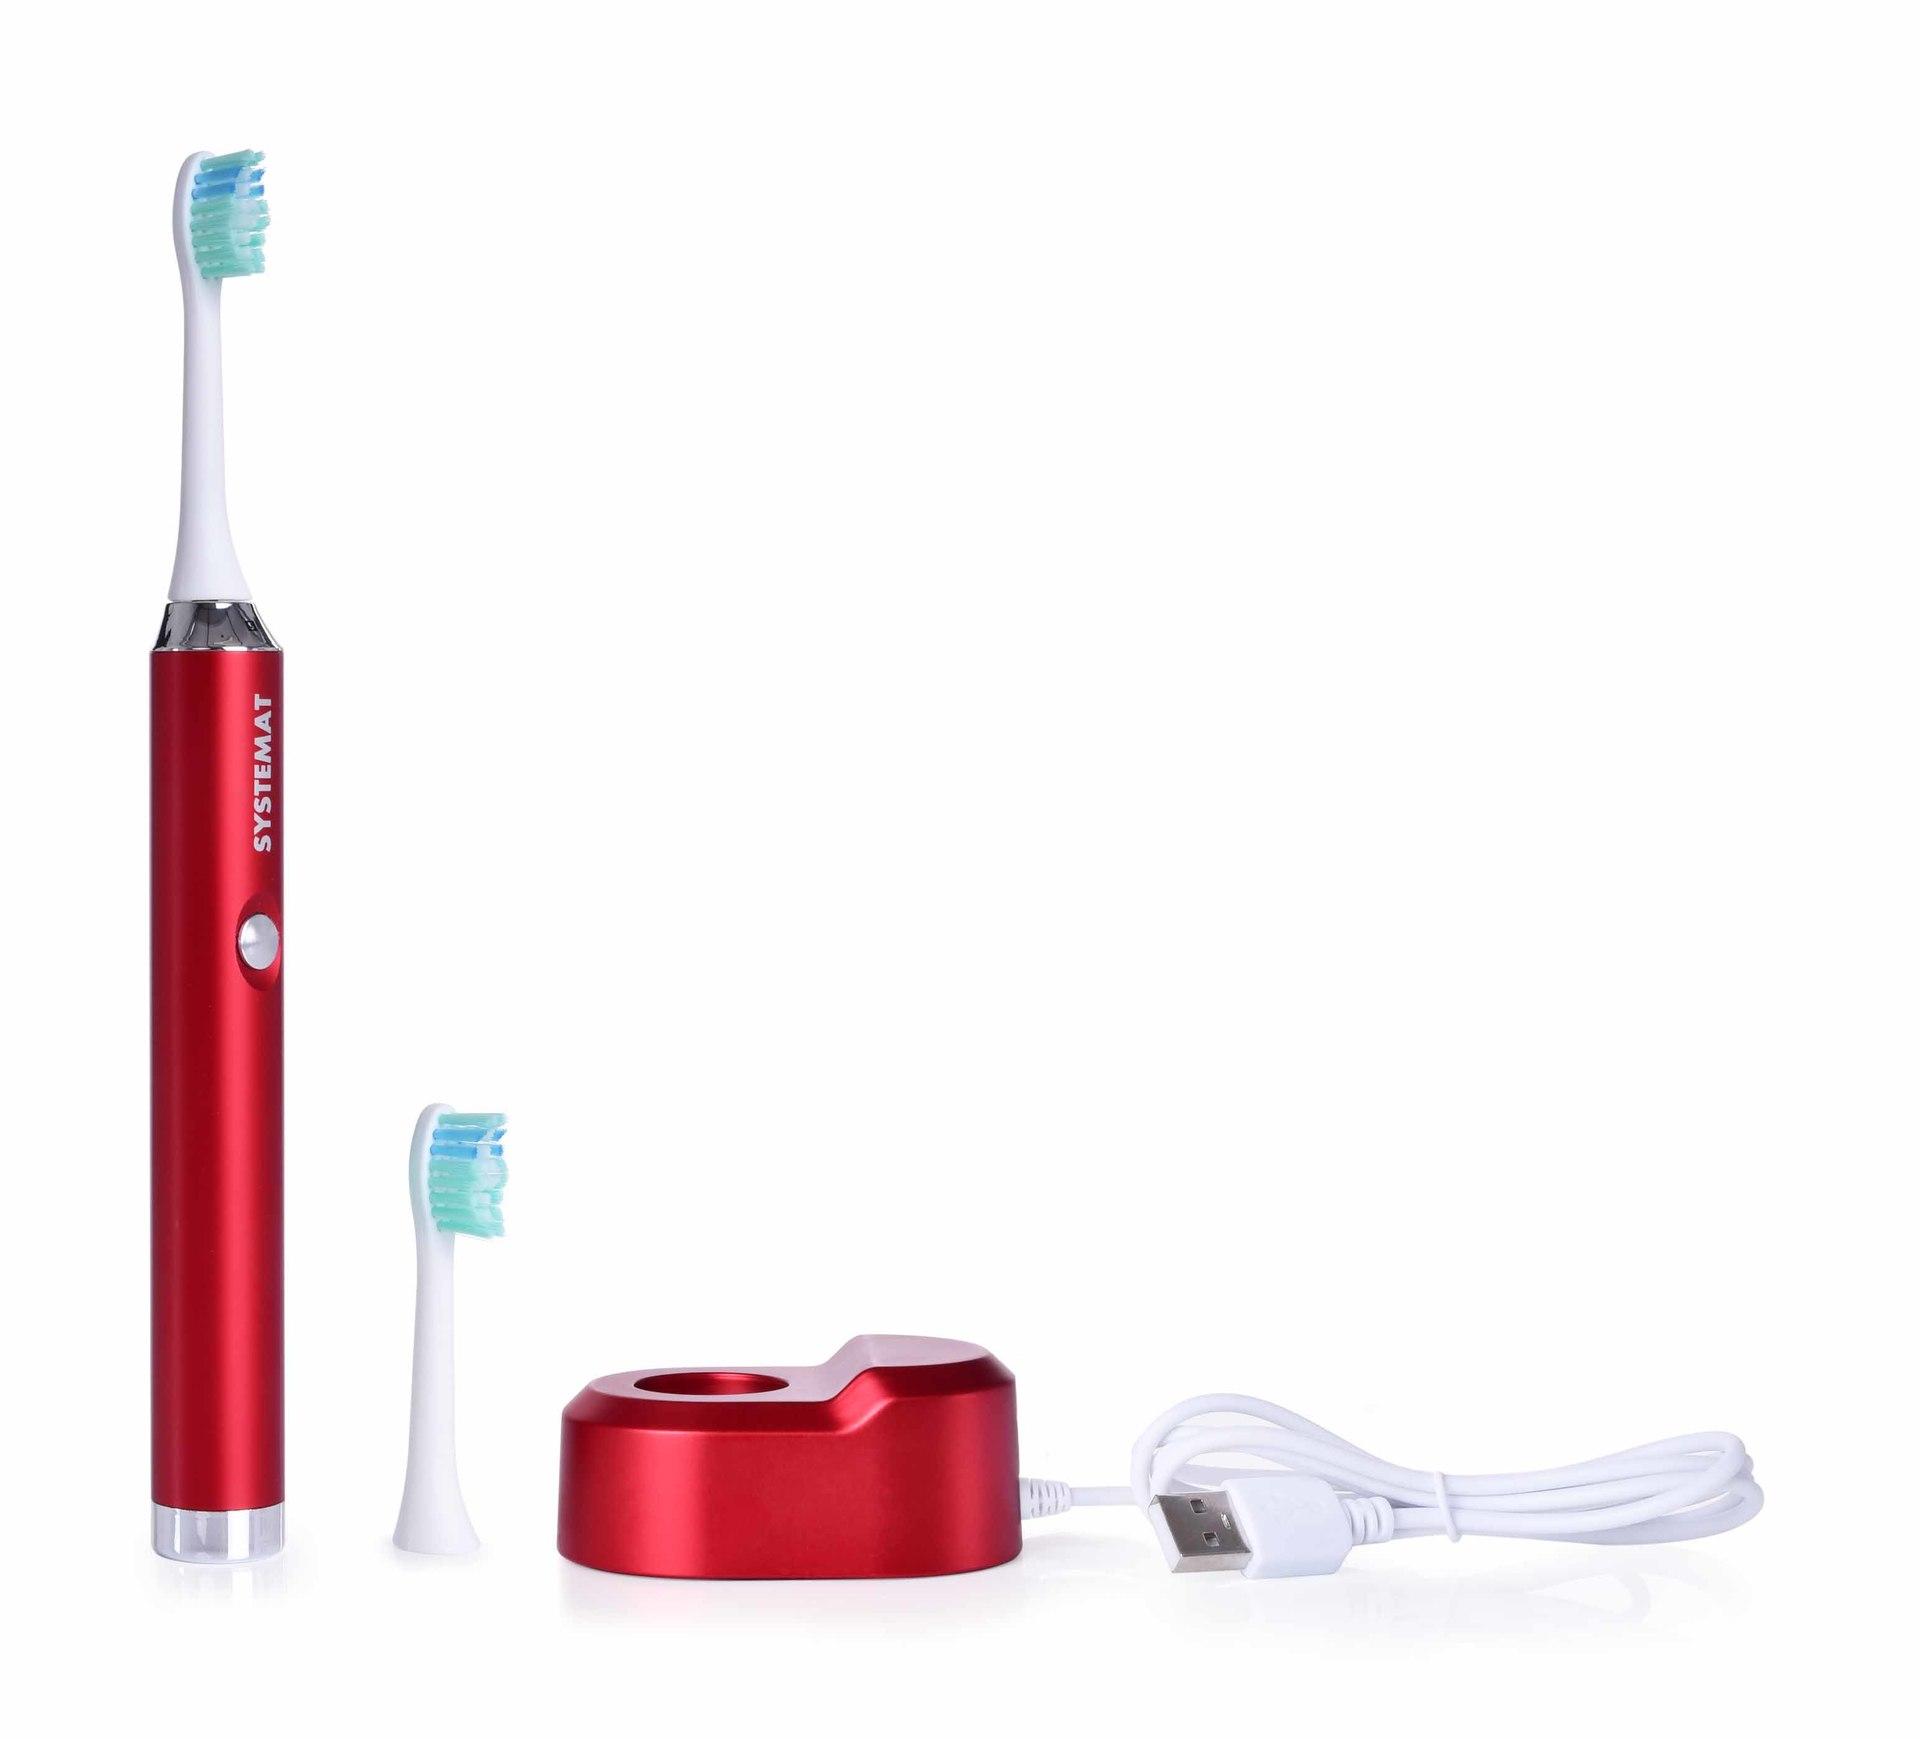 Sonický extra jemný kartáček na zuby, celokovový, metalic red, SONISSIMO DEDRA DENT